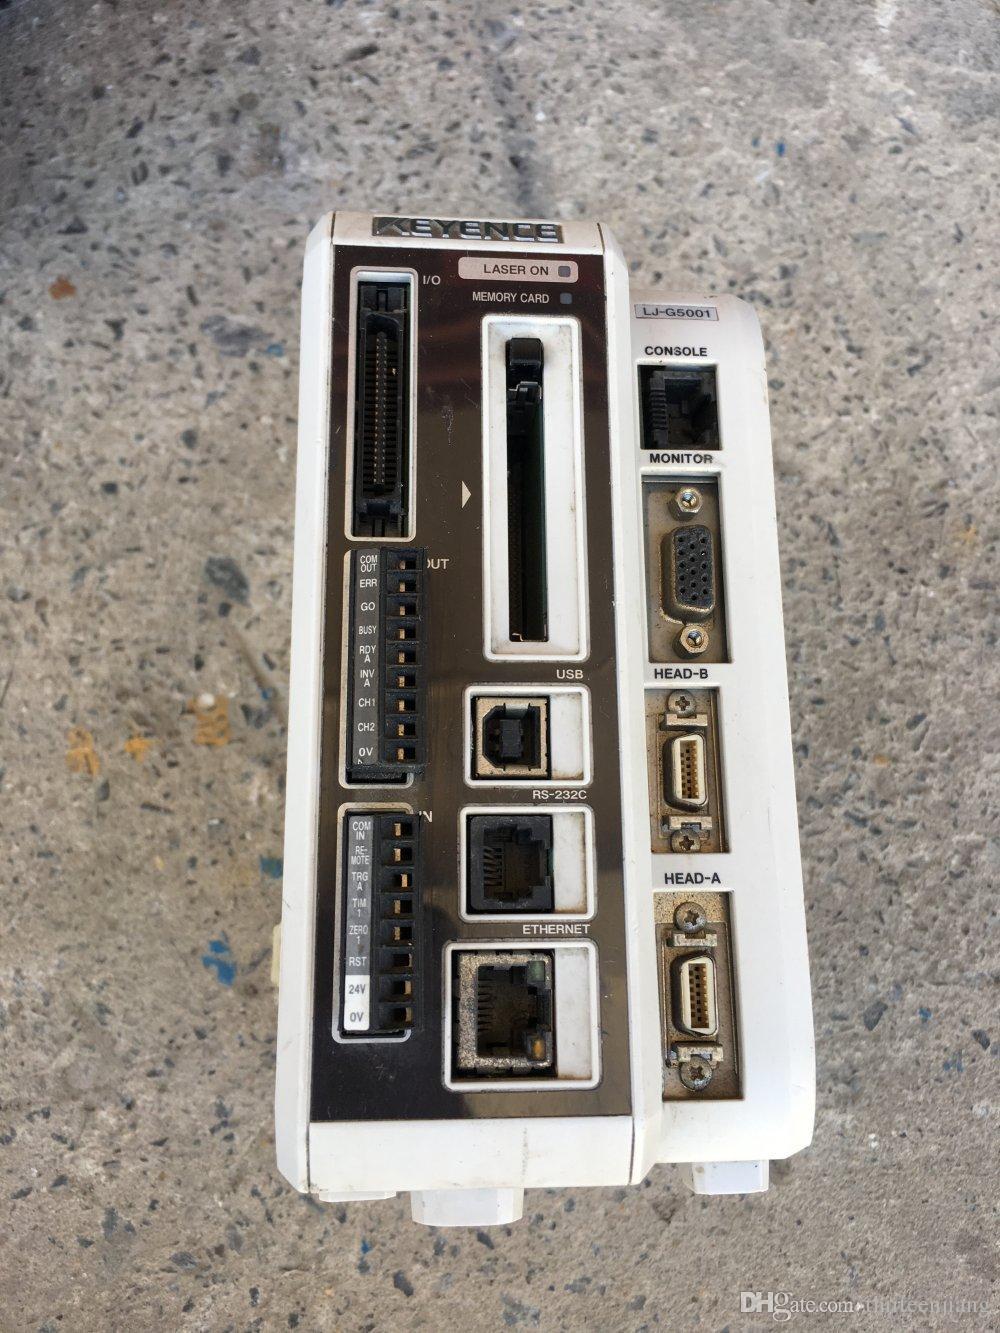 1 UNID Controlador de Desplazamiento Láser Keyence Original LJ-G5001 Usado Prueba Ok Envío Acelerado Gratis